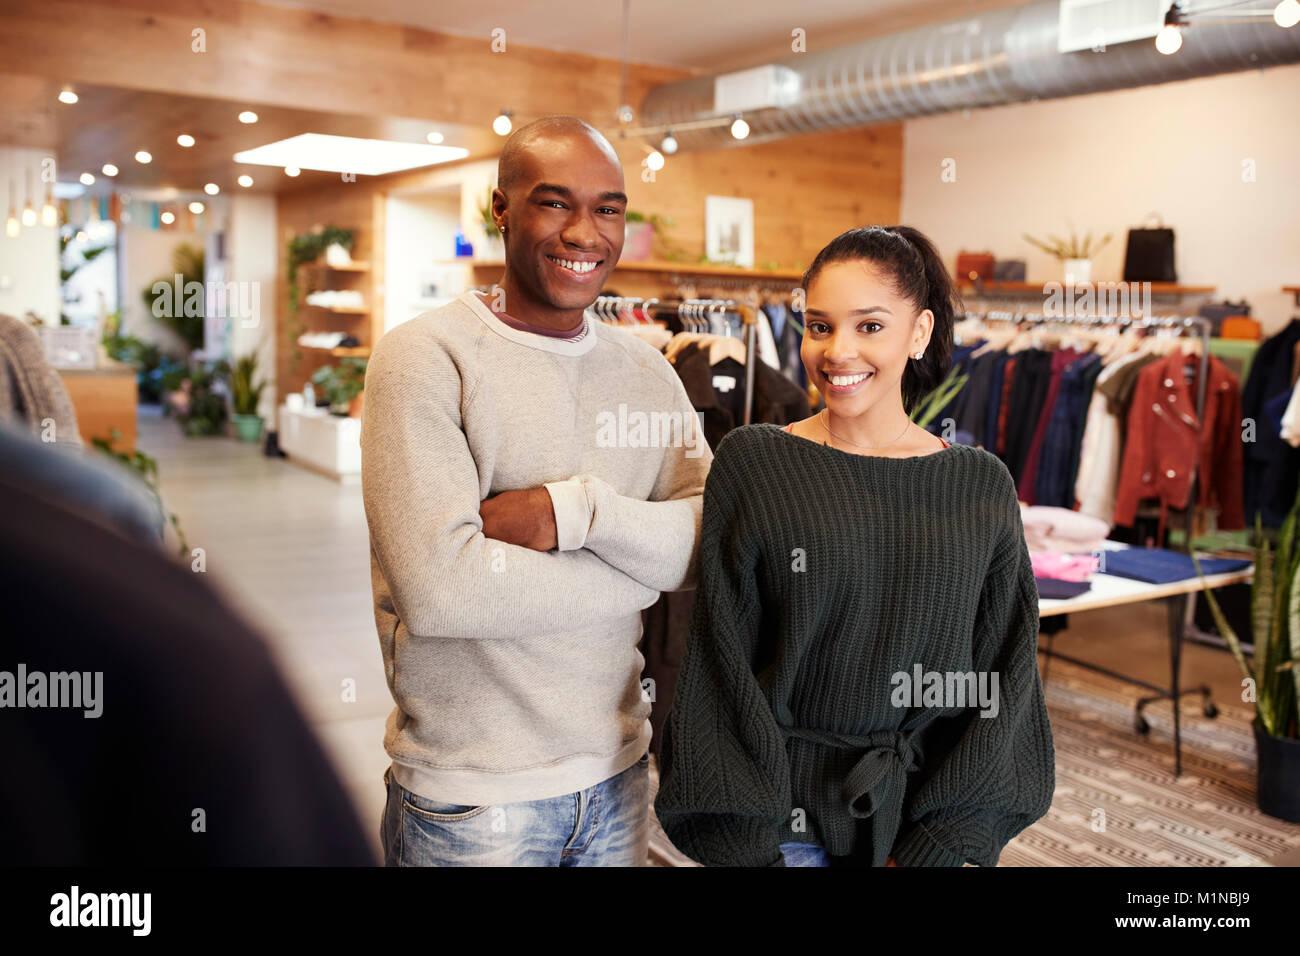 adult clothes shop